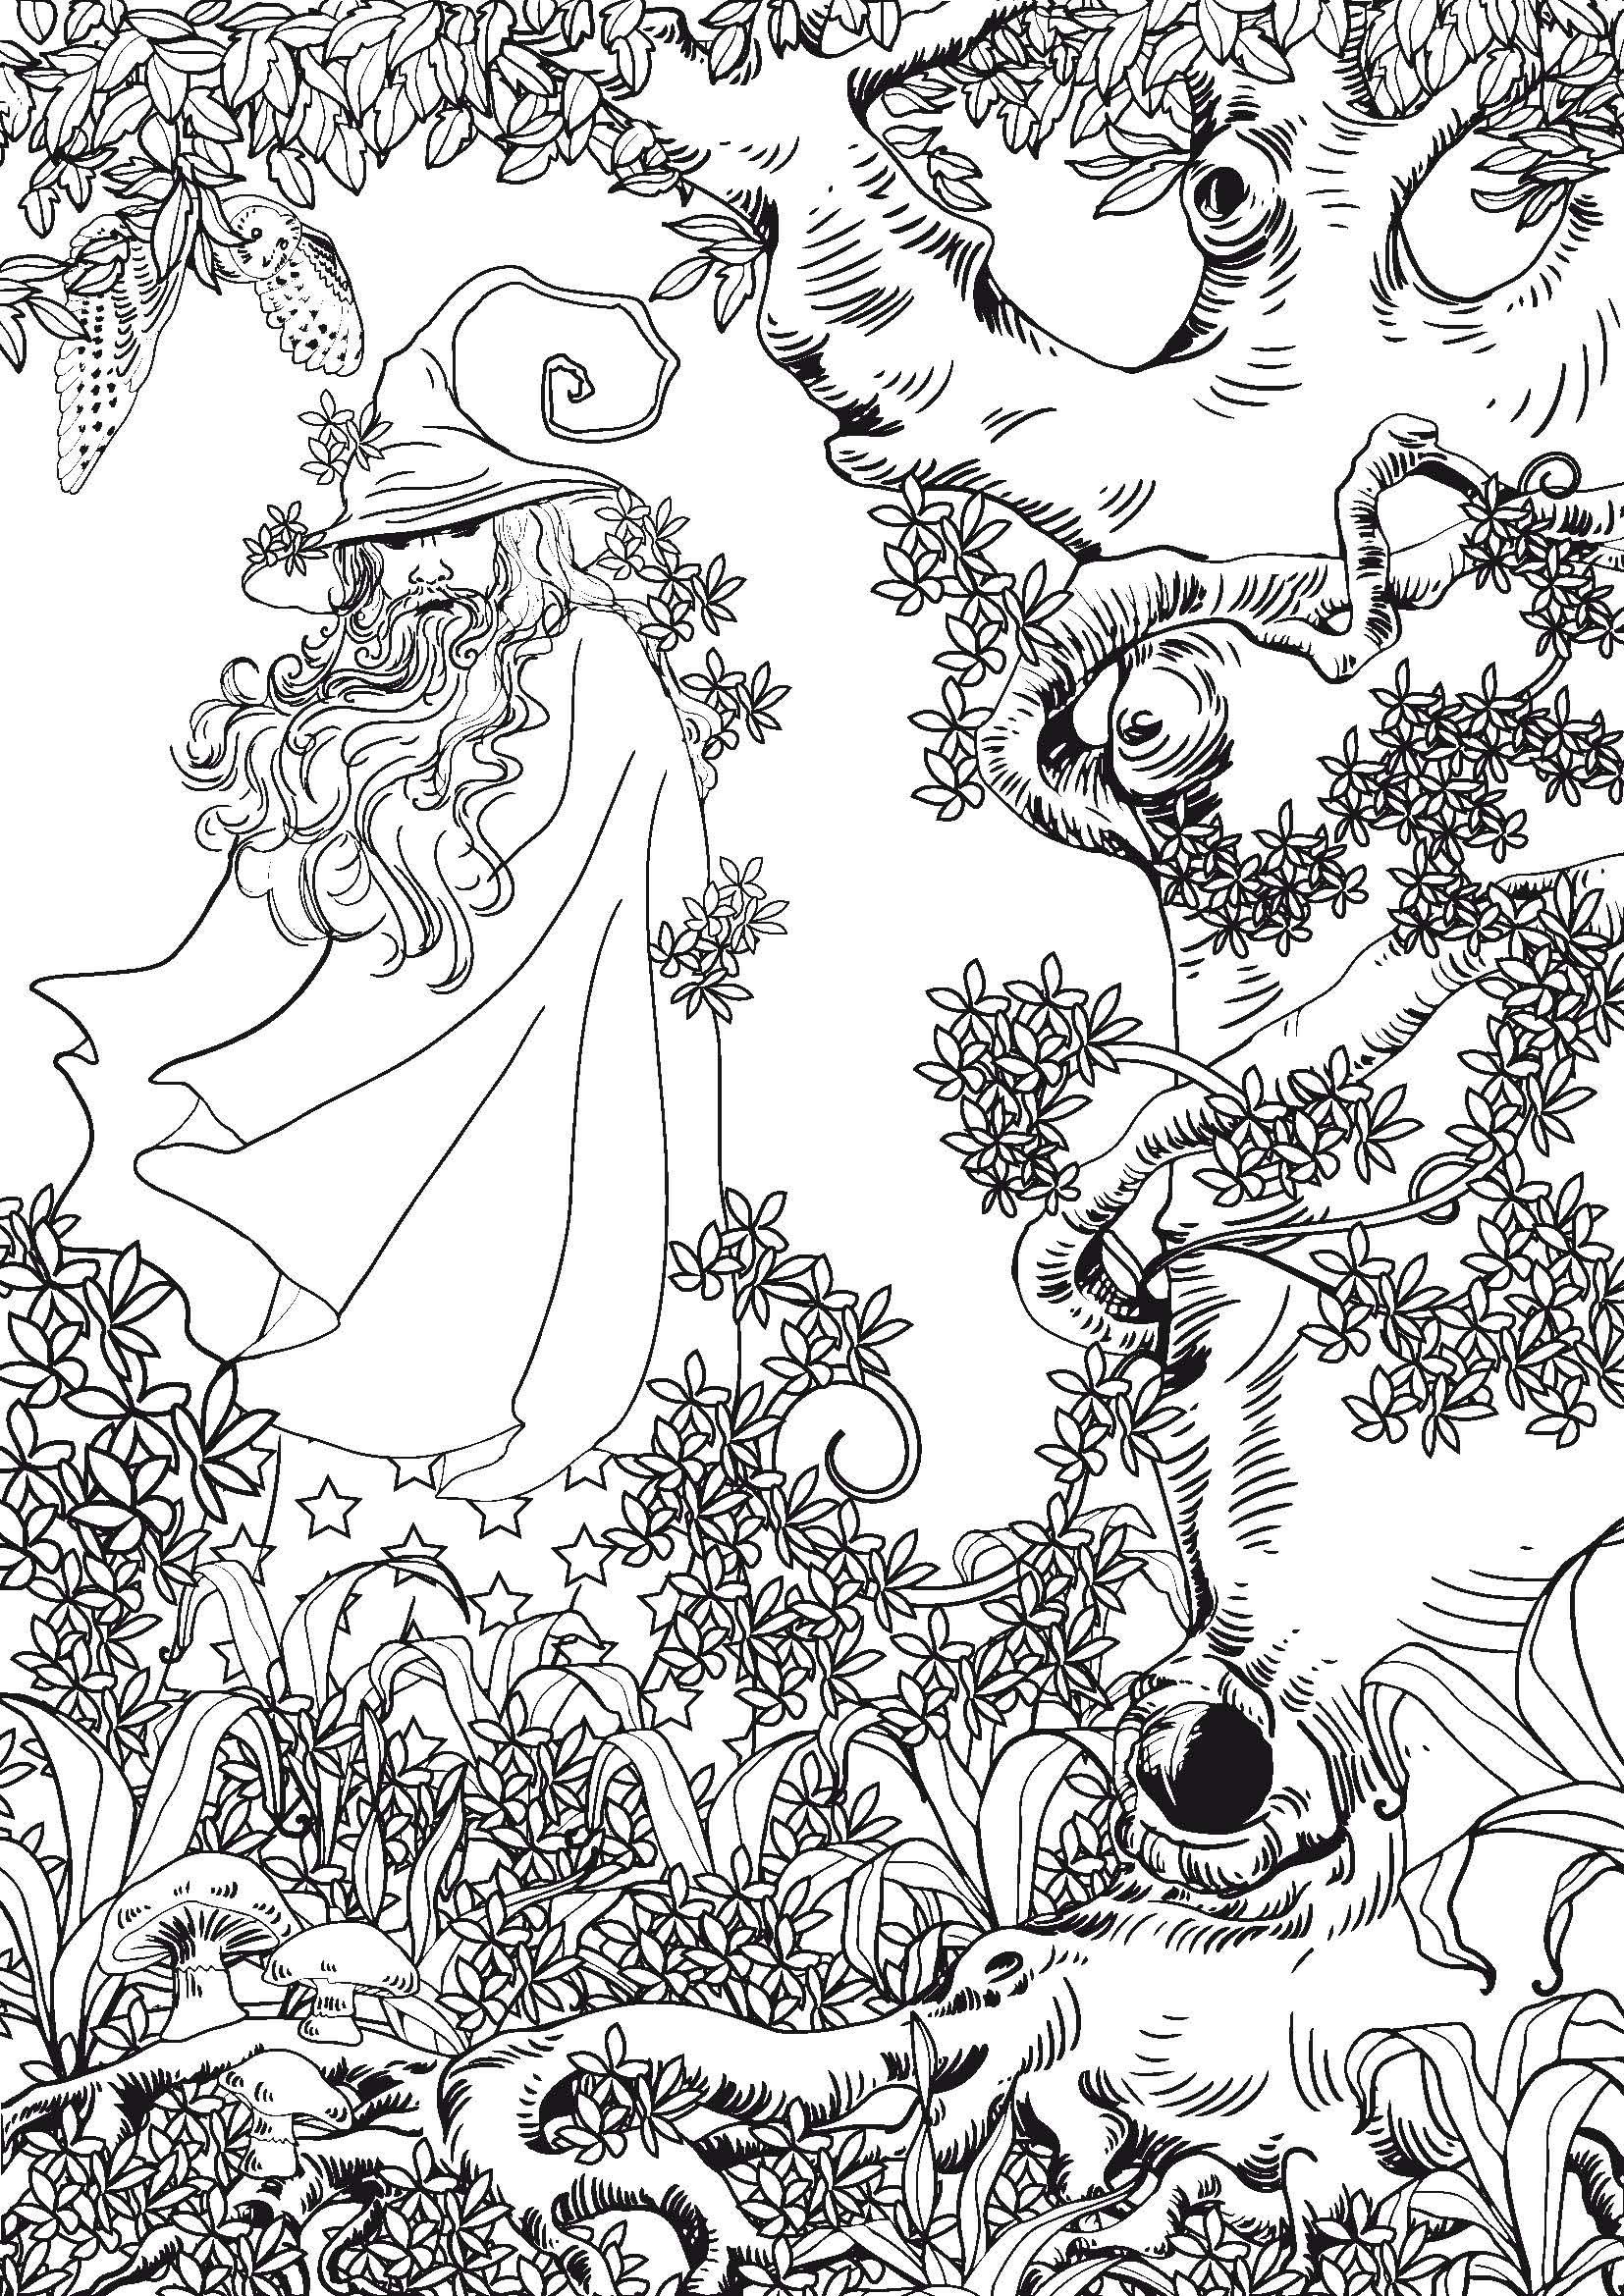 5 dessins de coloriage anti stress à imprimer  Fairy coloring